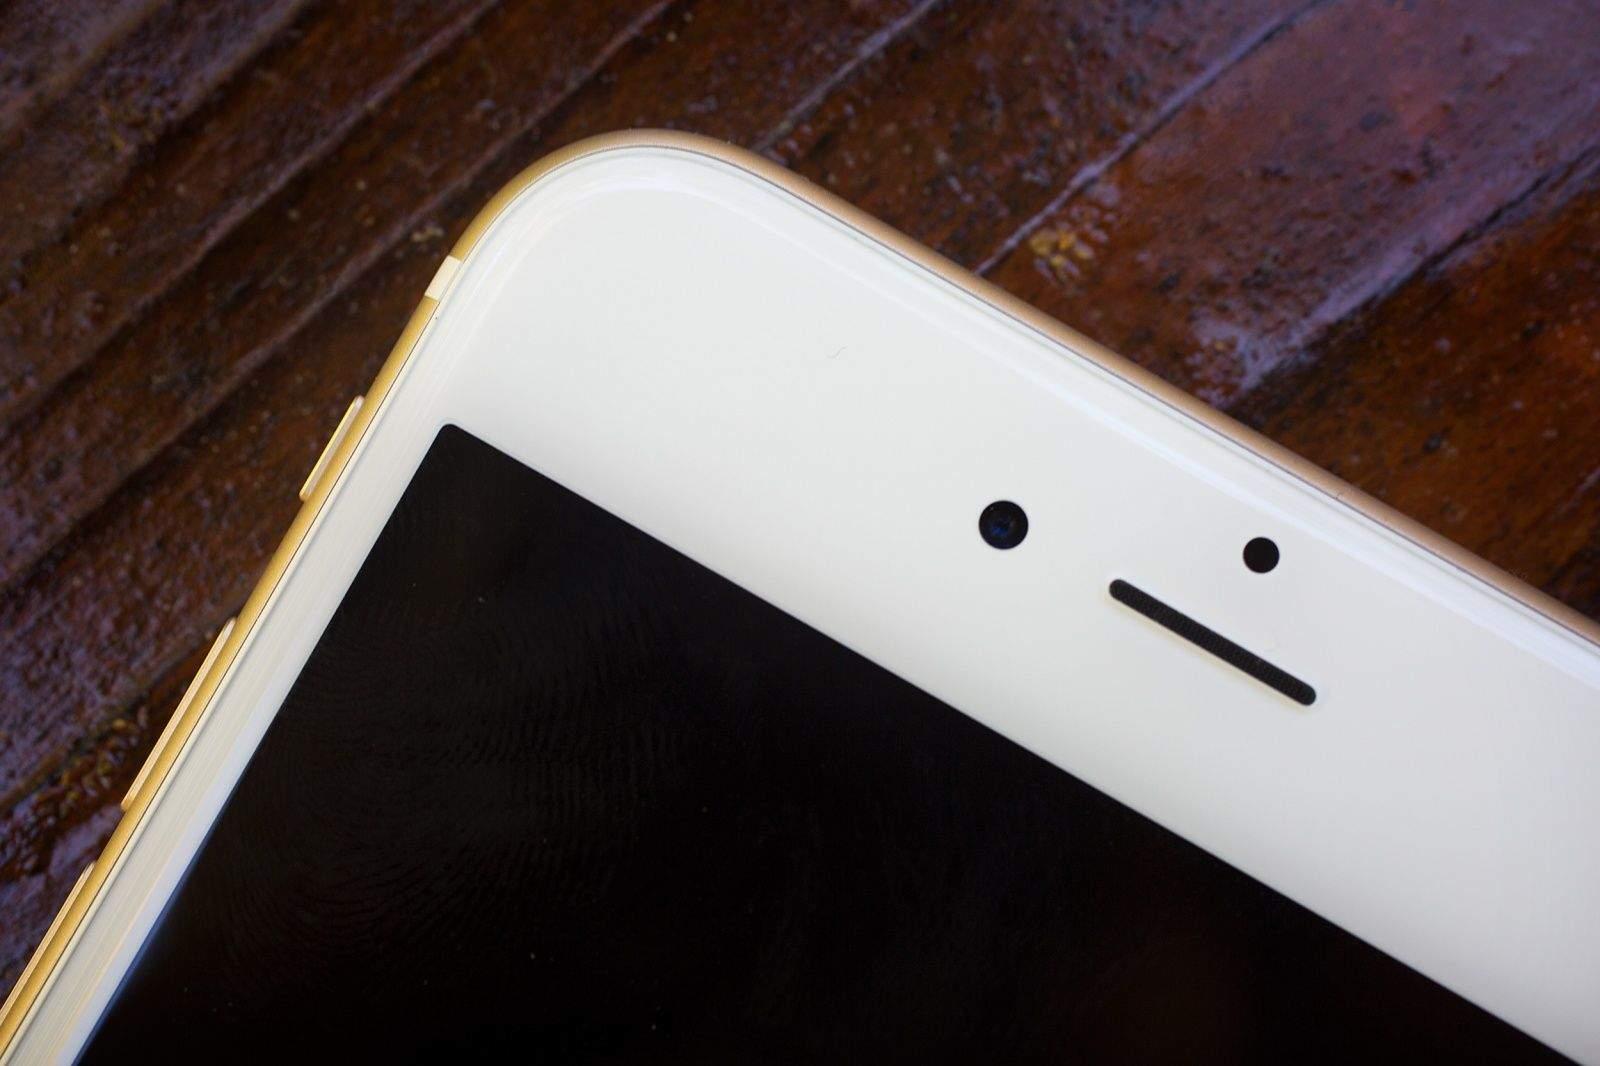 iPhone6 Plus. Photo: Jim Merithew/Cult of Mac